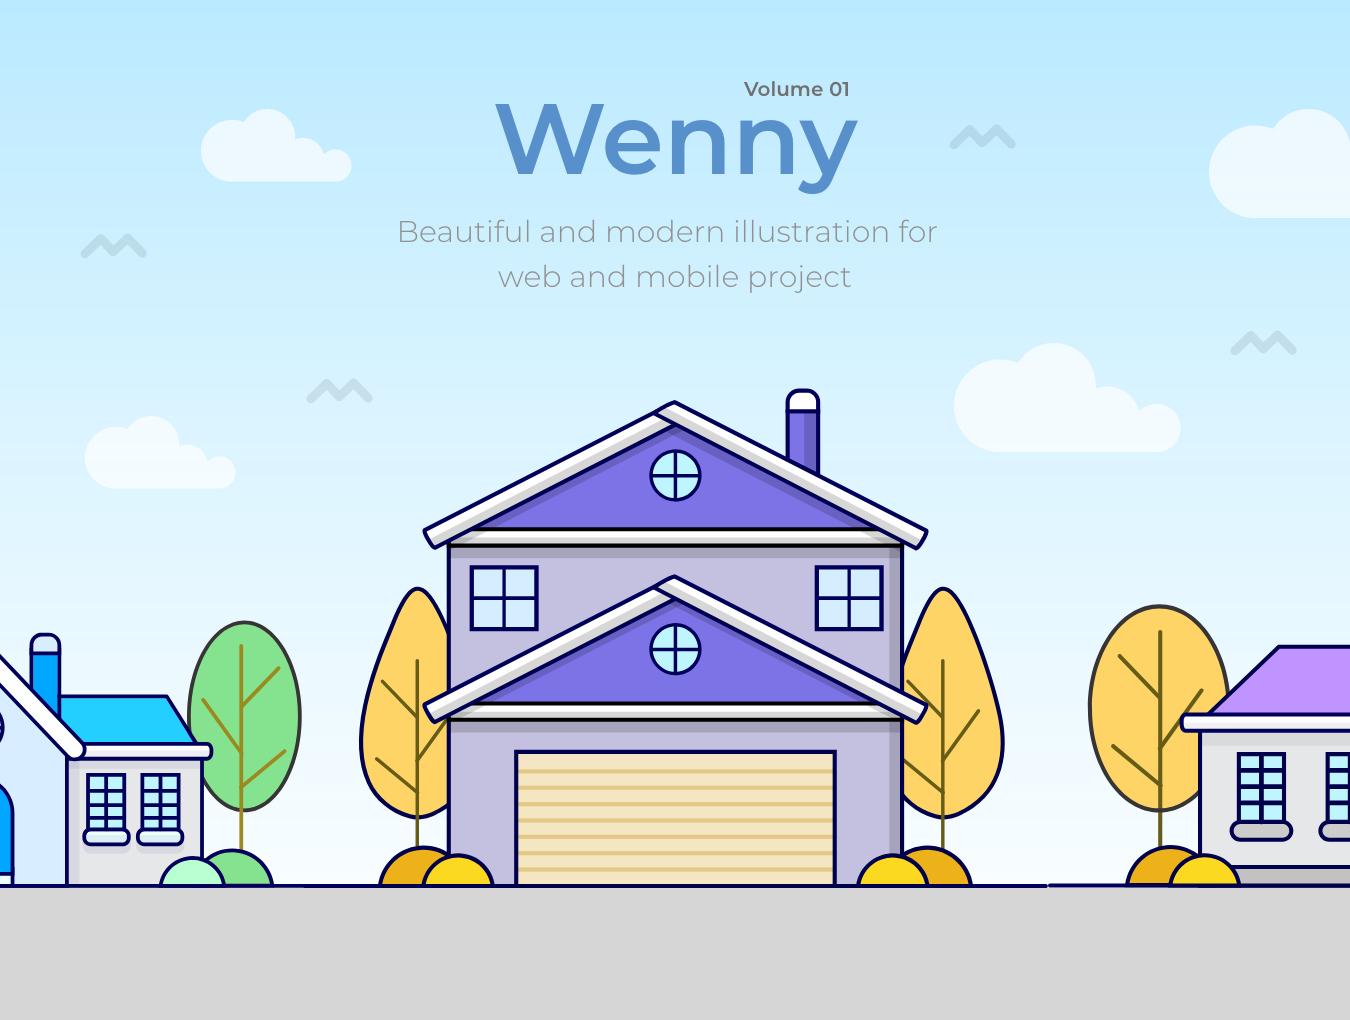 5款温馨的房屋建筑矢量插图 Wenny House Illustrations插图